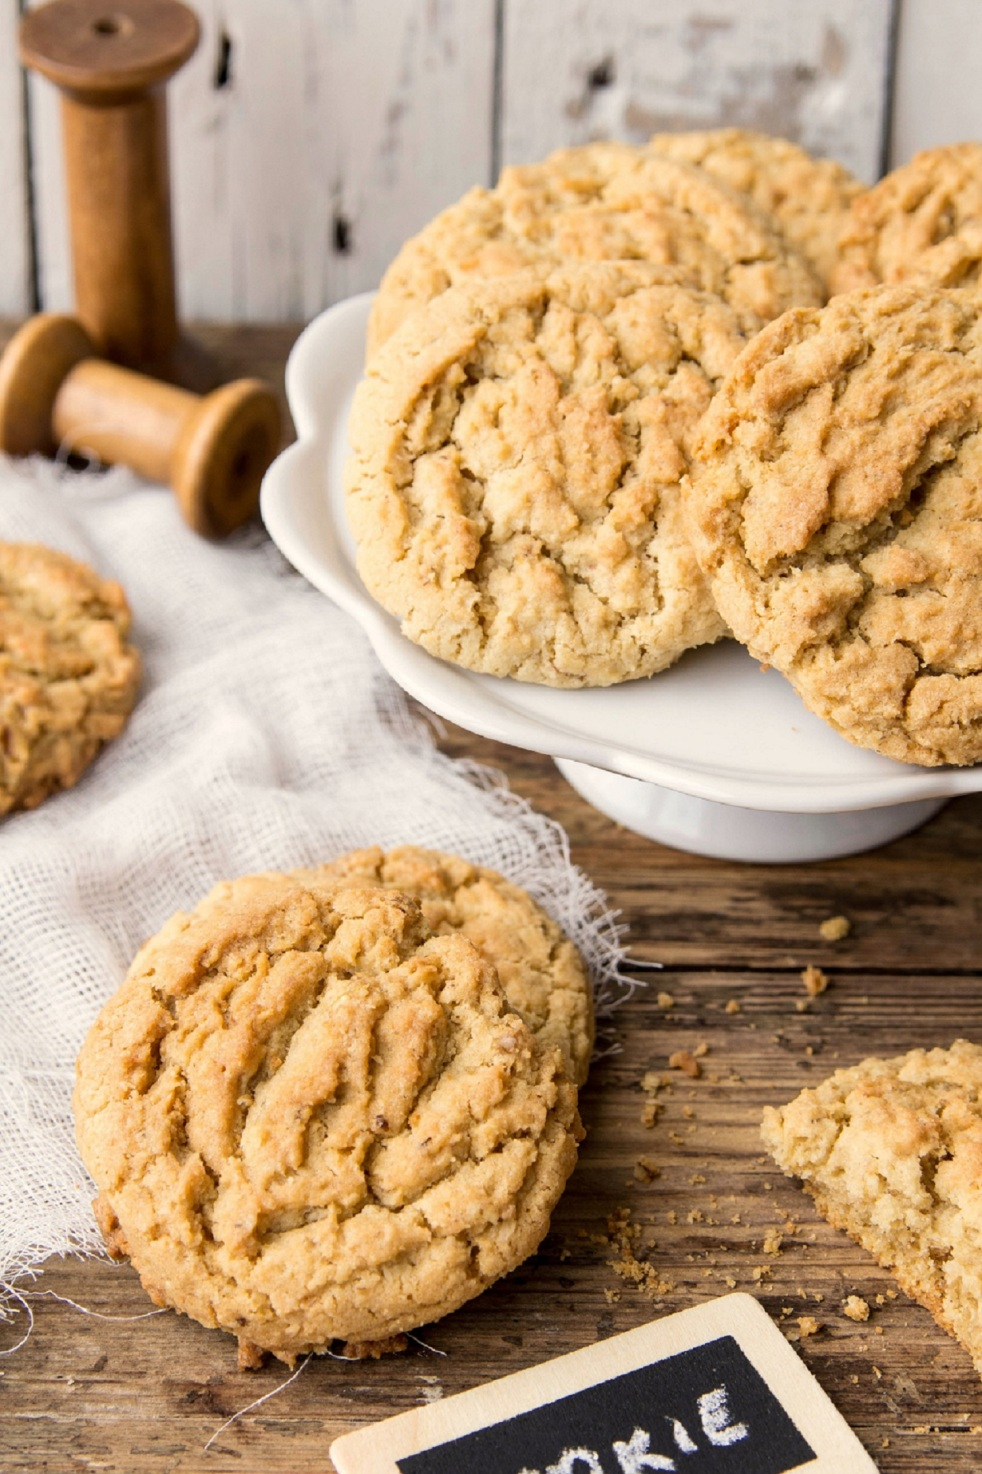 idealne ciasteczka owsiane z wiórkami kokosowymi